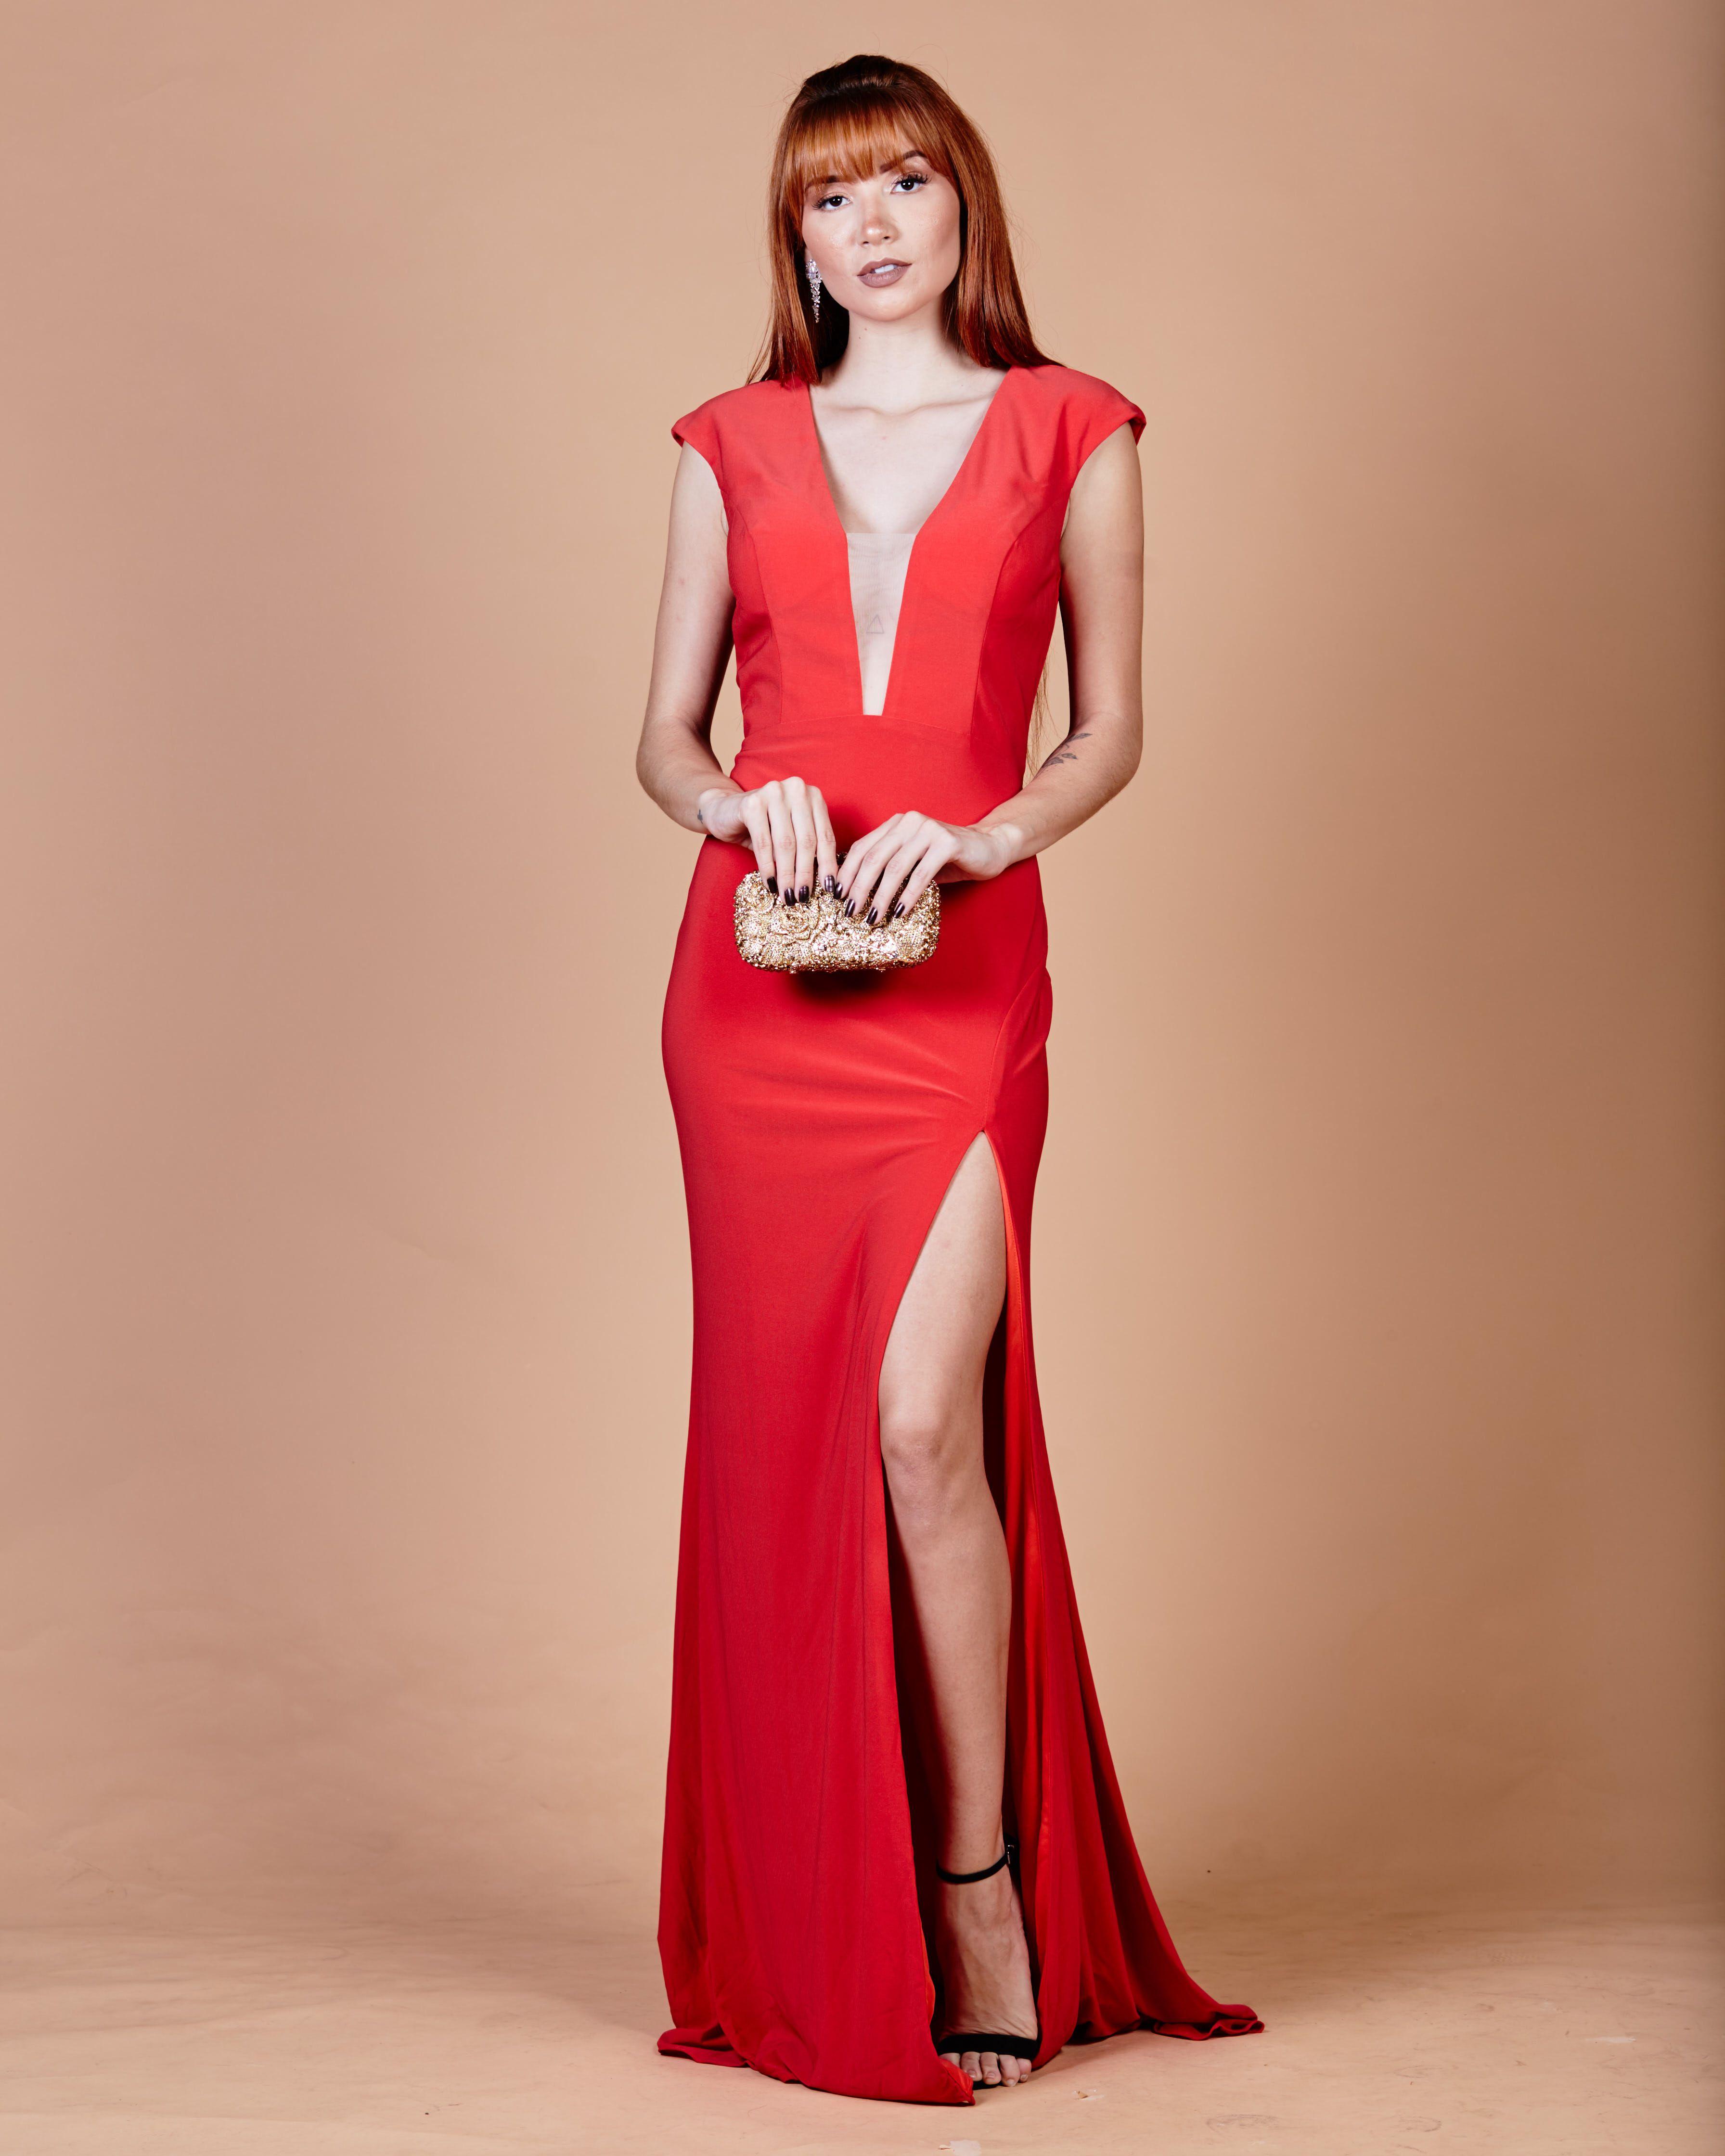 vestidosdefesta  fitsu  alugueldevestidos  madrinhas  formandas   dress   dressparty 3941c0cde2